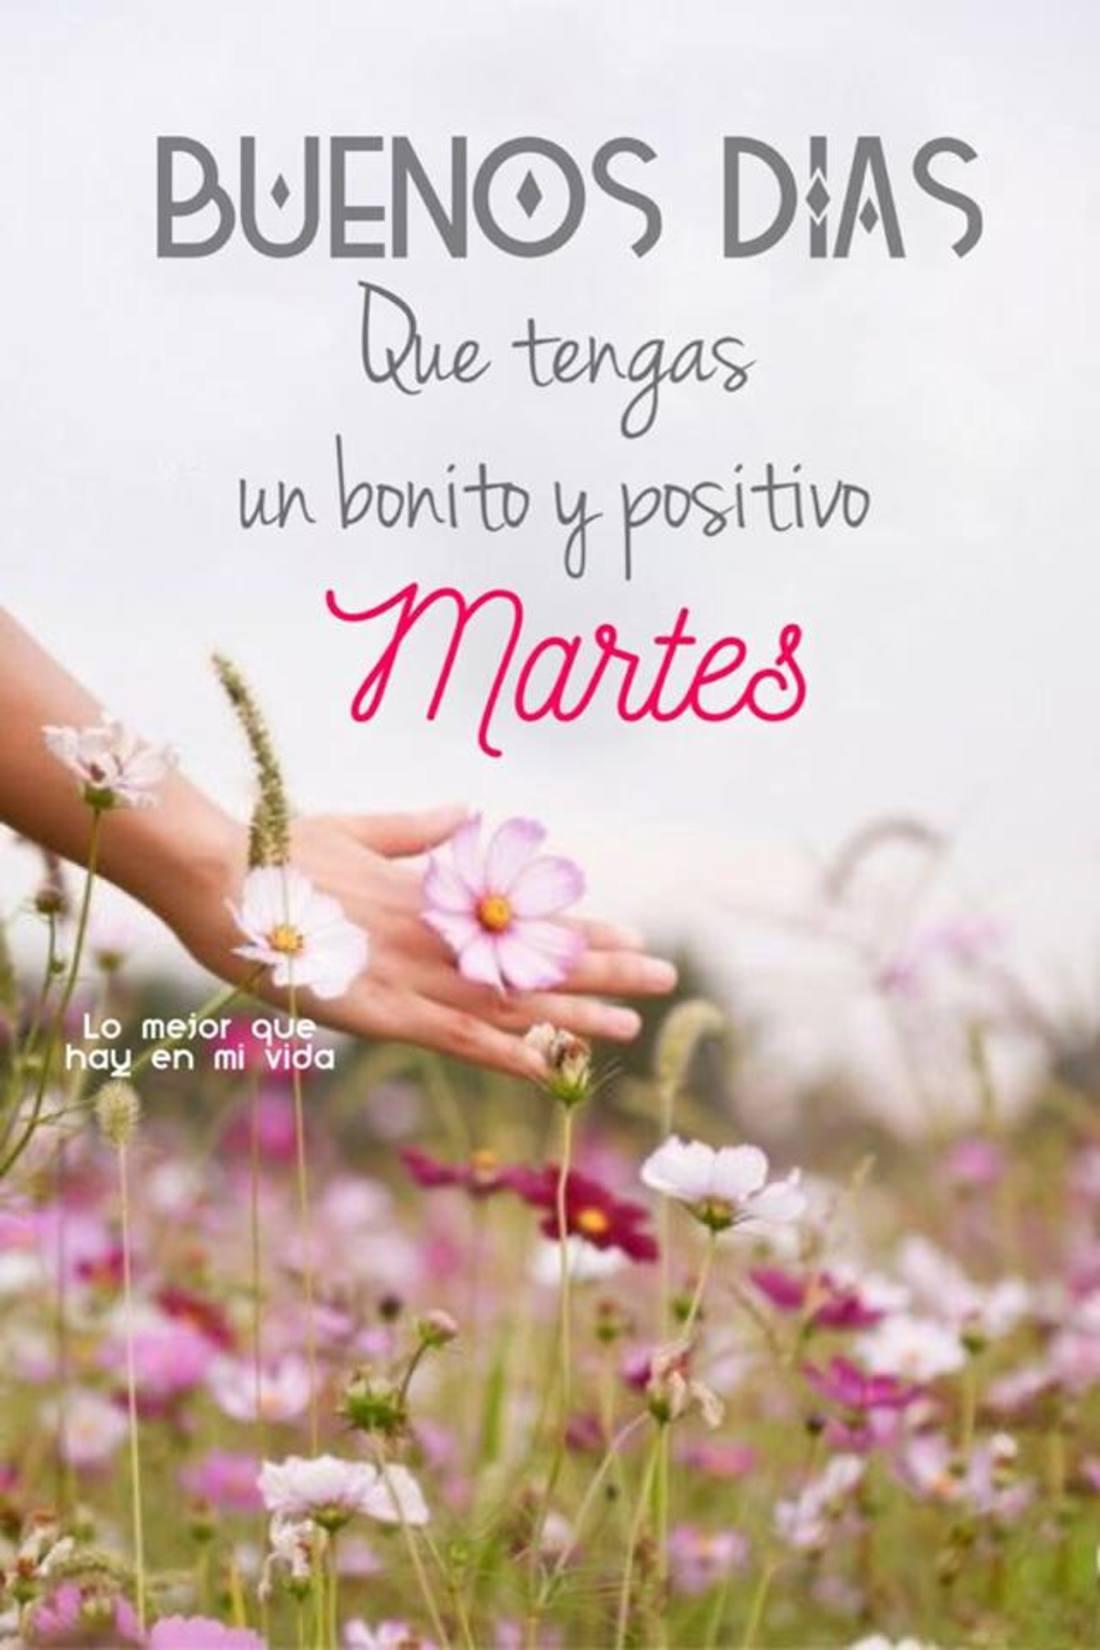 Buenos días que tengas un bonito y positivo martes